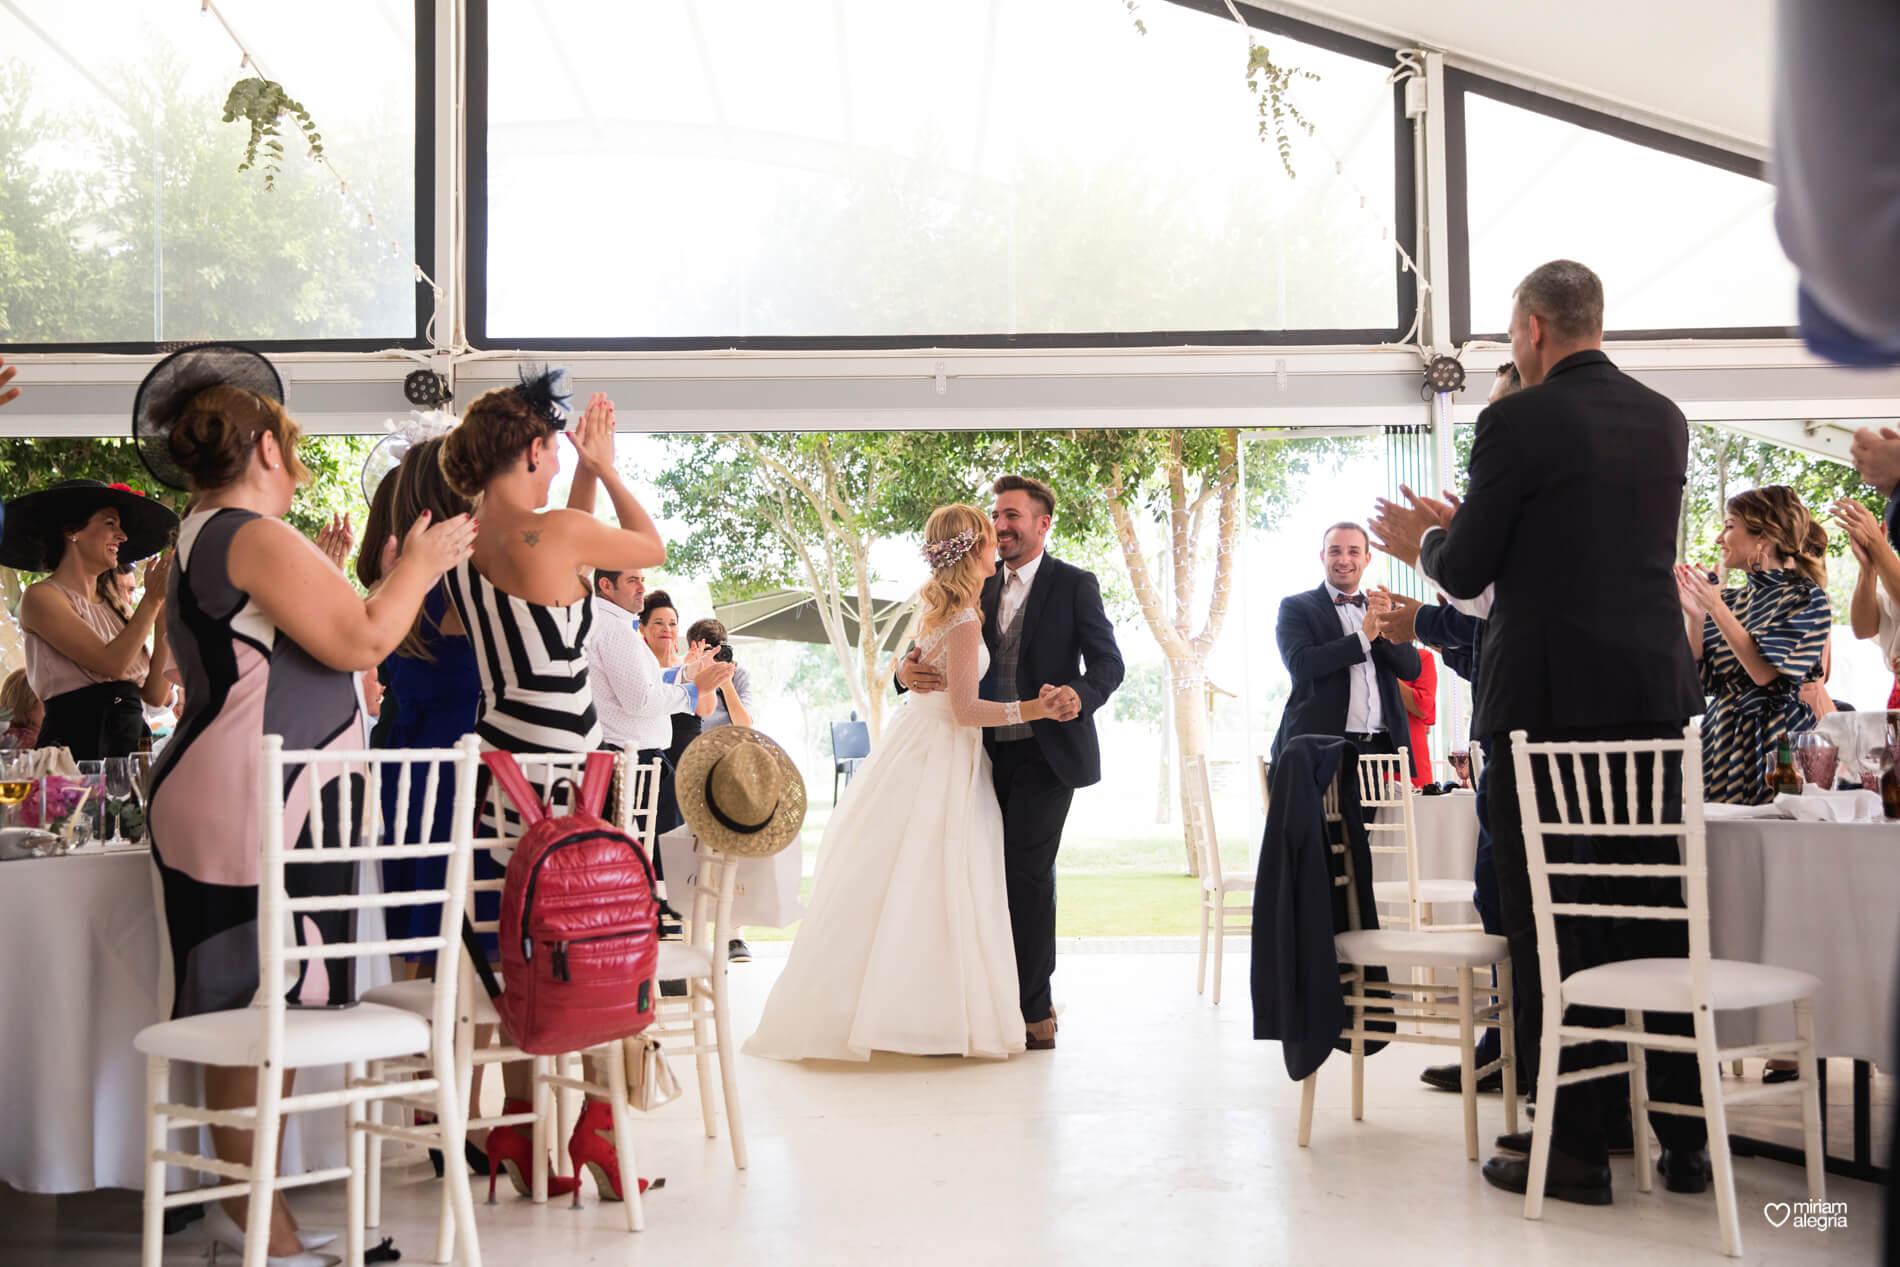 boda-en-finca-villa-vera-de-alemc7-miriam-alegria-fotografos-boda-murcia-146